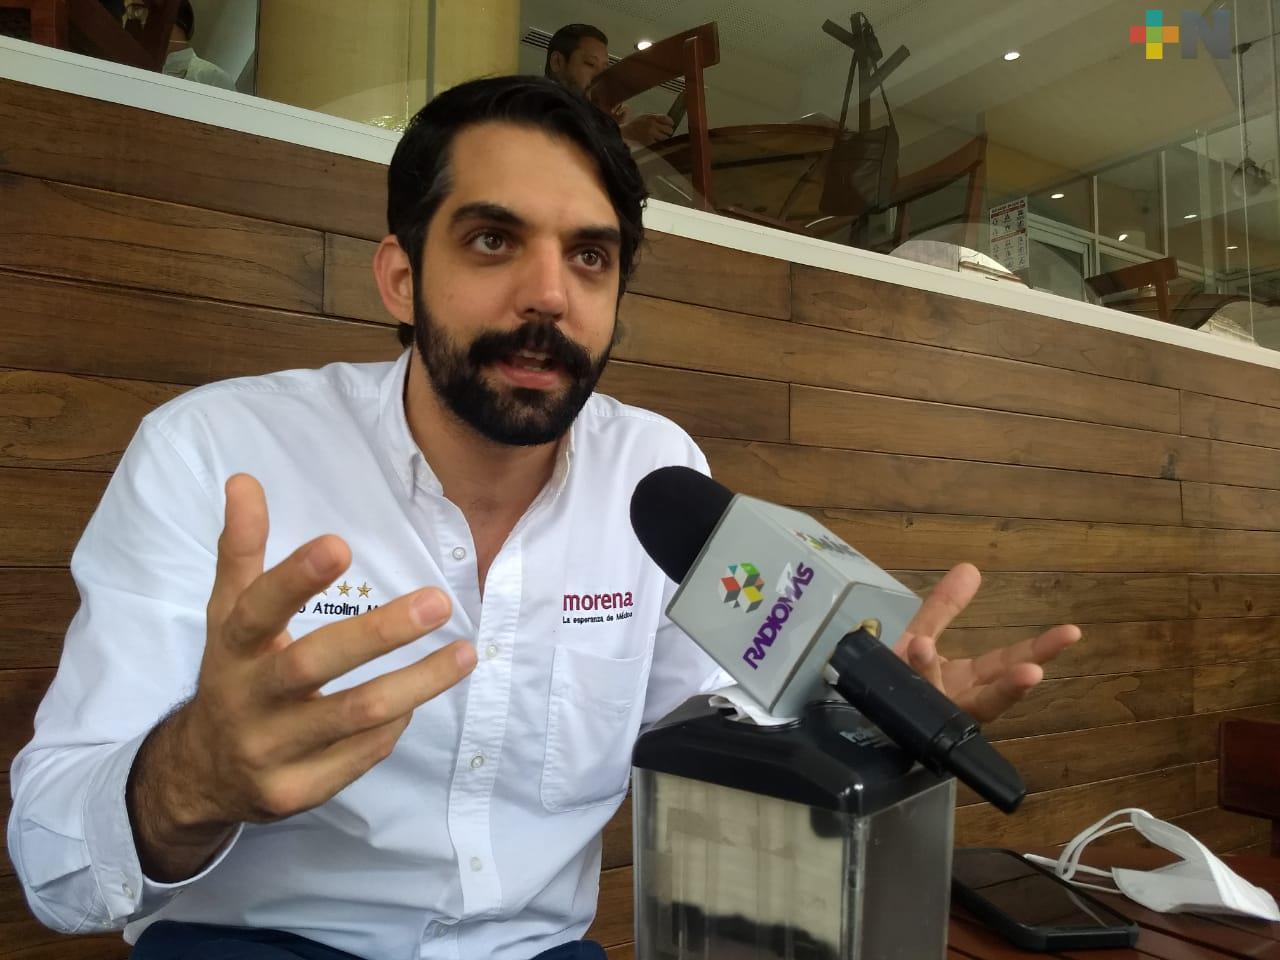 Renovación de Morena definirá la continuidad del movimiento del Presidente: Attolini